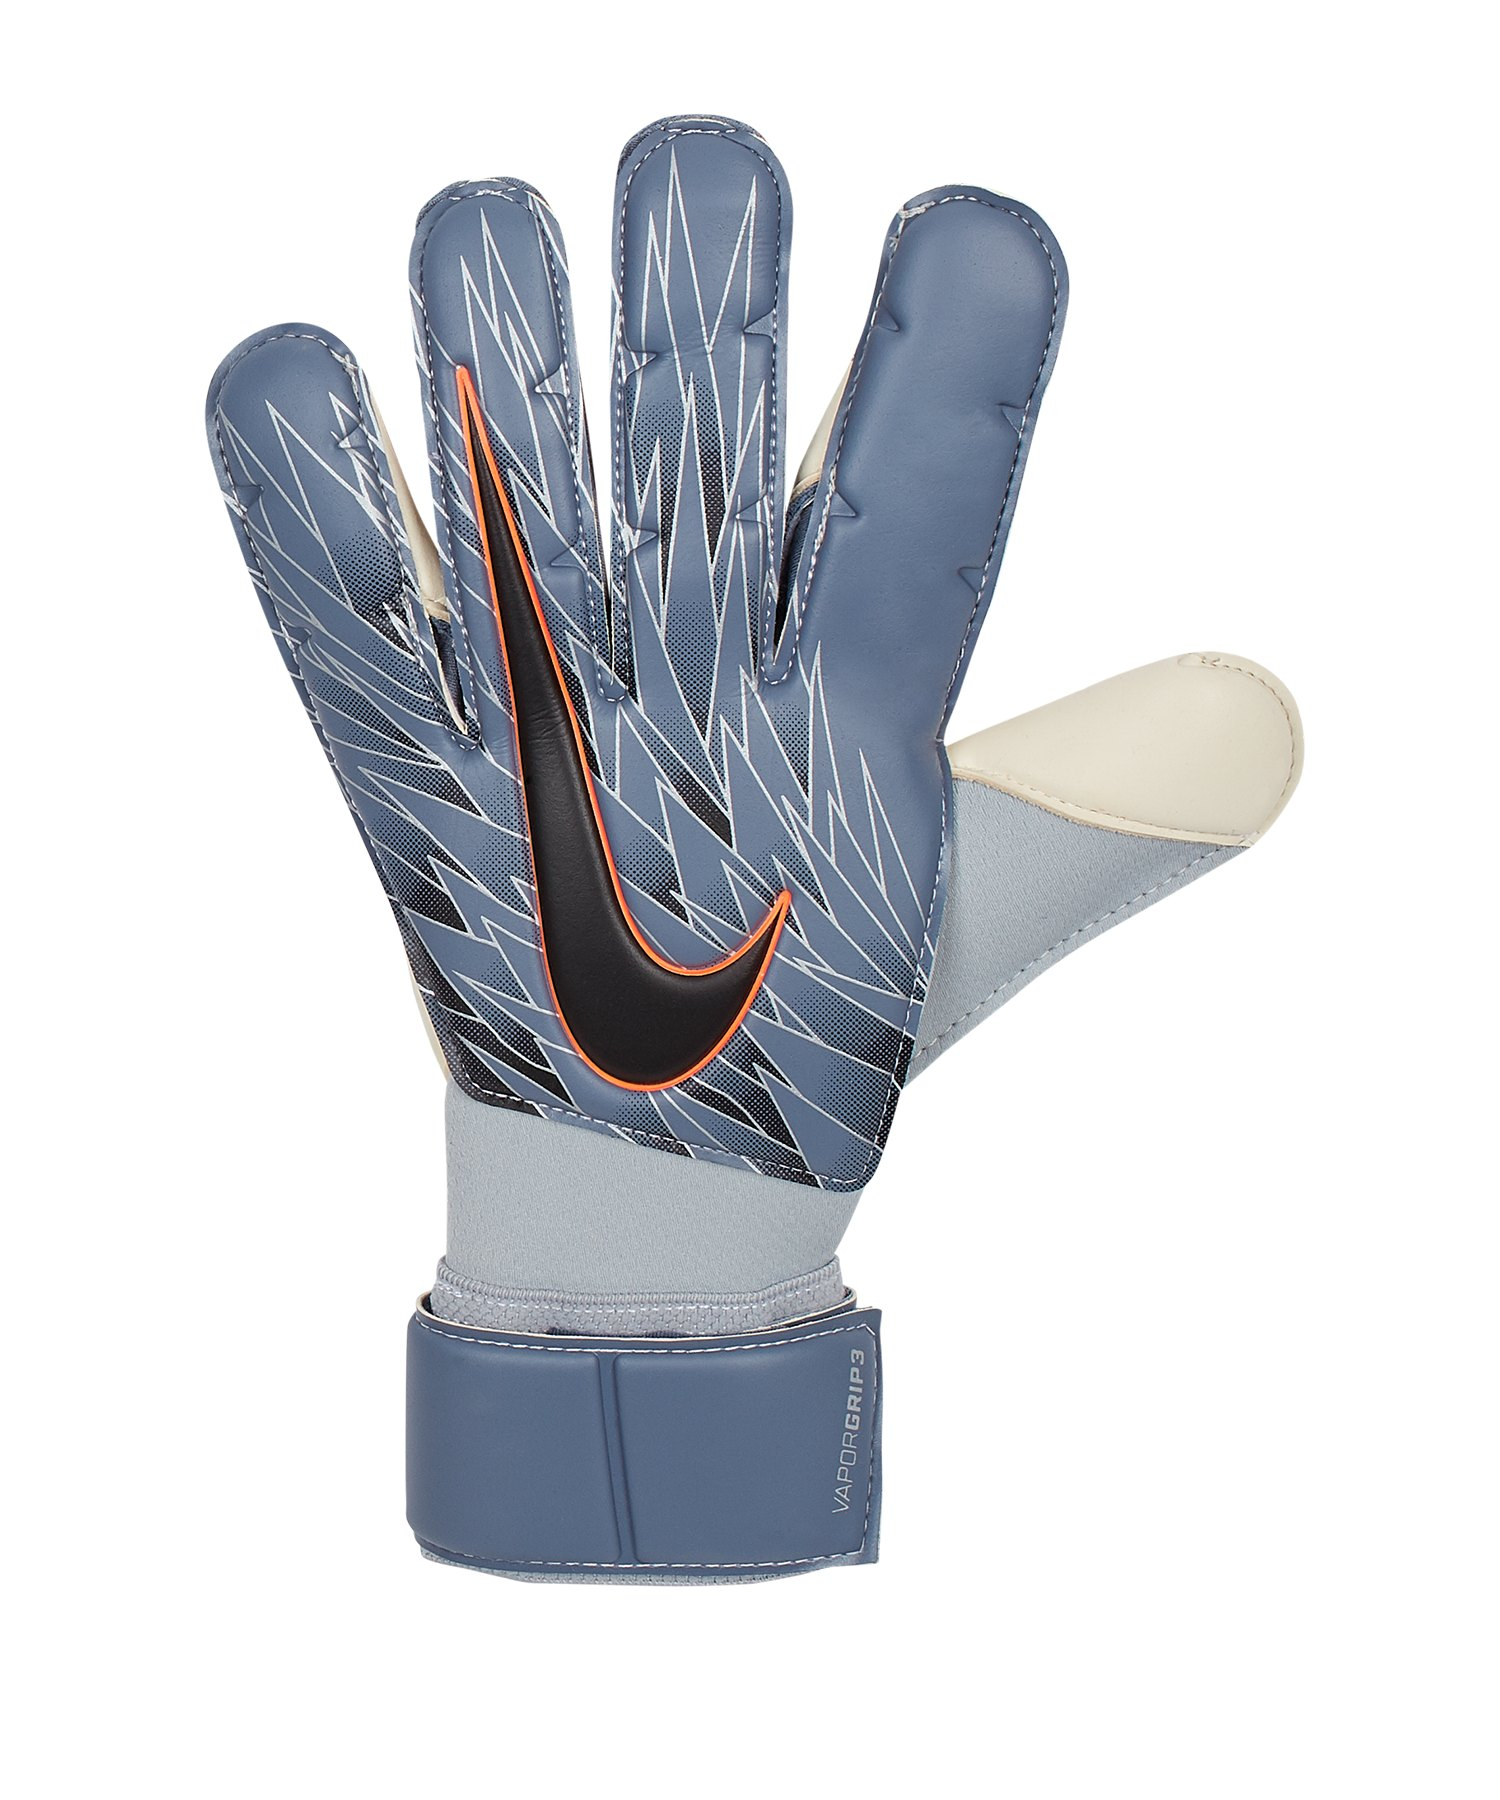 Nike Vapor Grip3 Torwarthandschuh Grau F490 - Blau